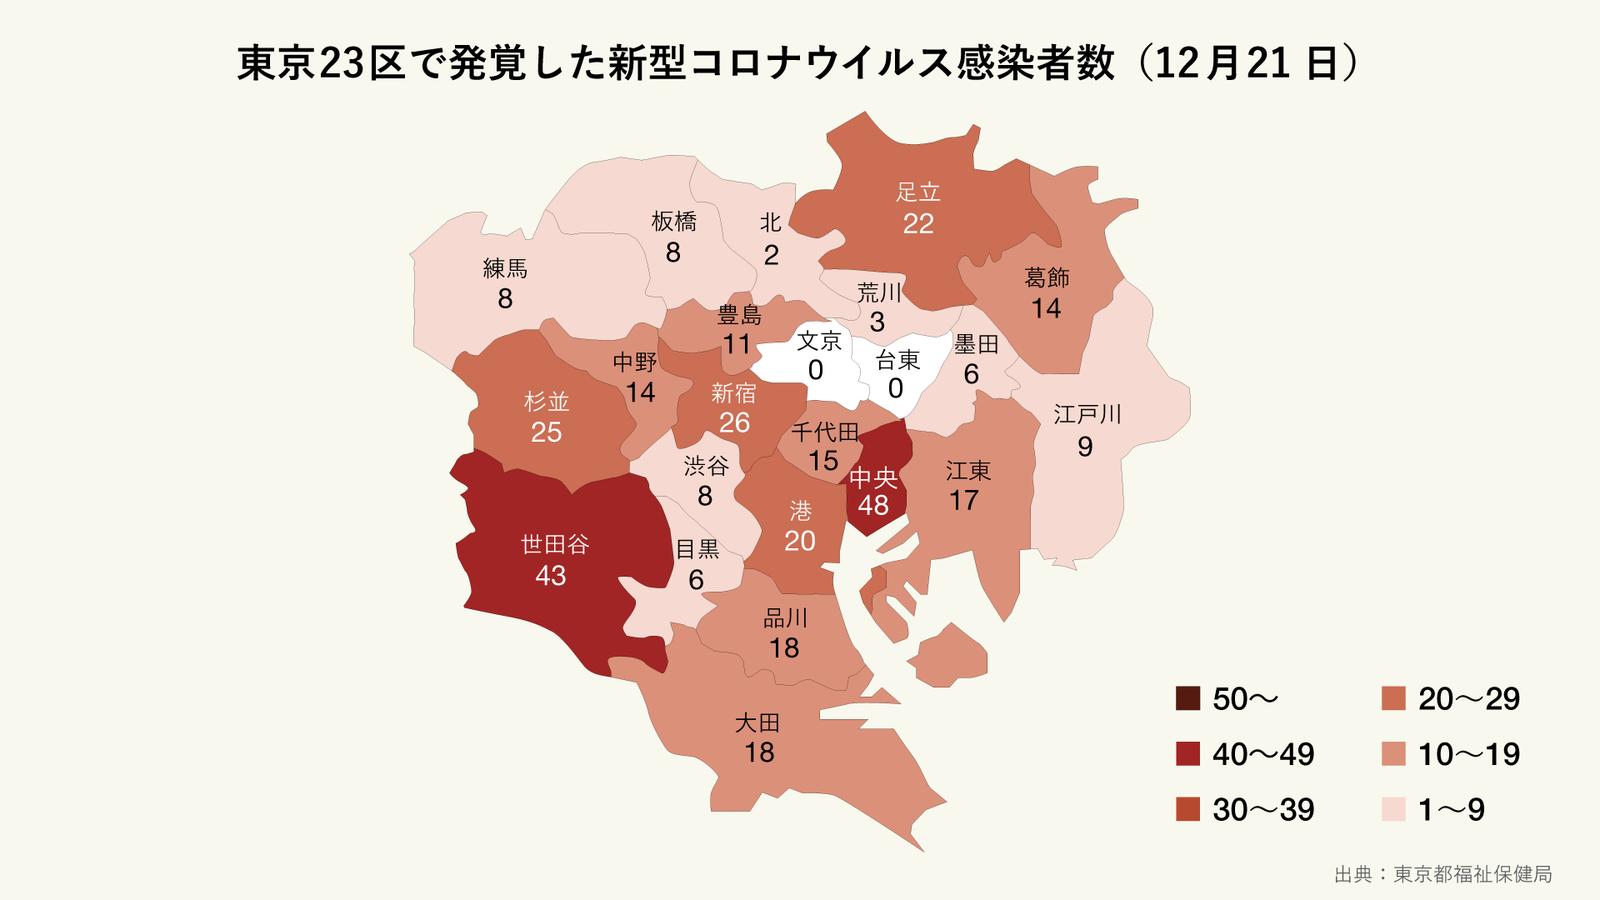 12月21日に発覚した東京23区の区ごとの新型コロナウイルス感染者数(マップ)